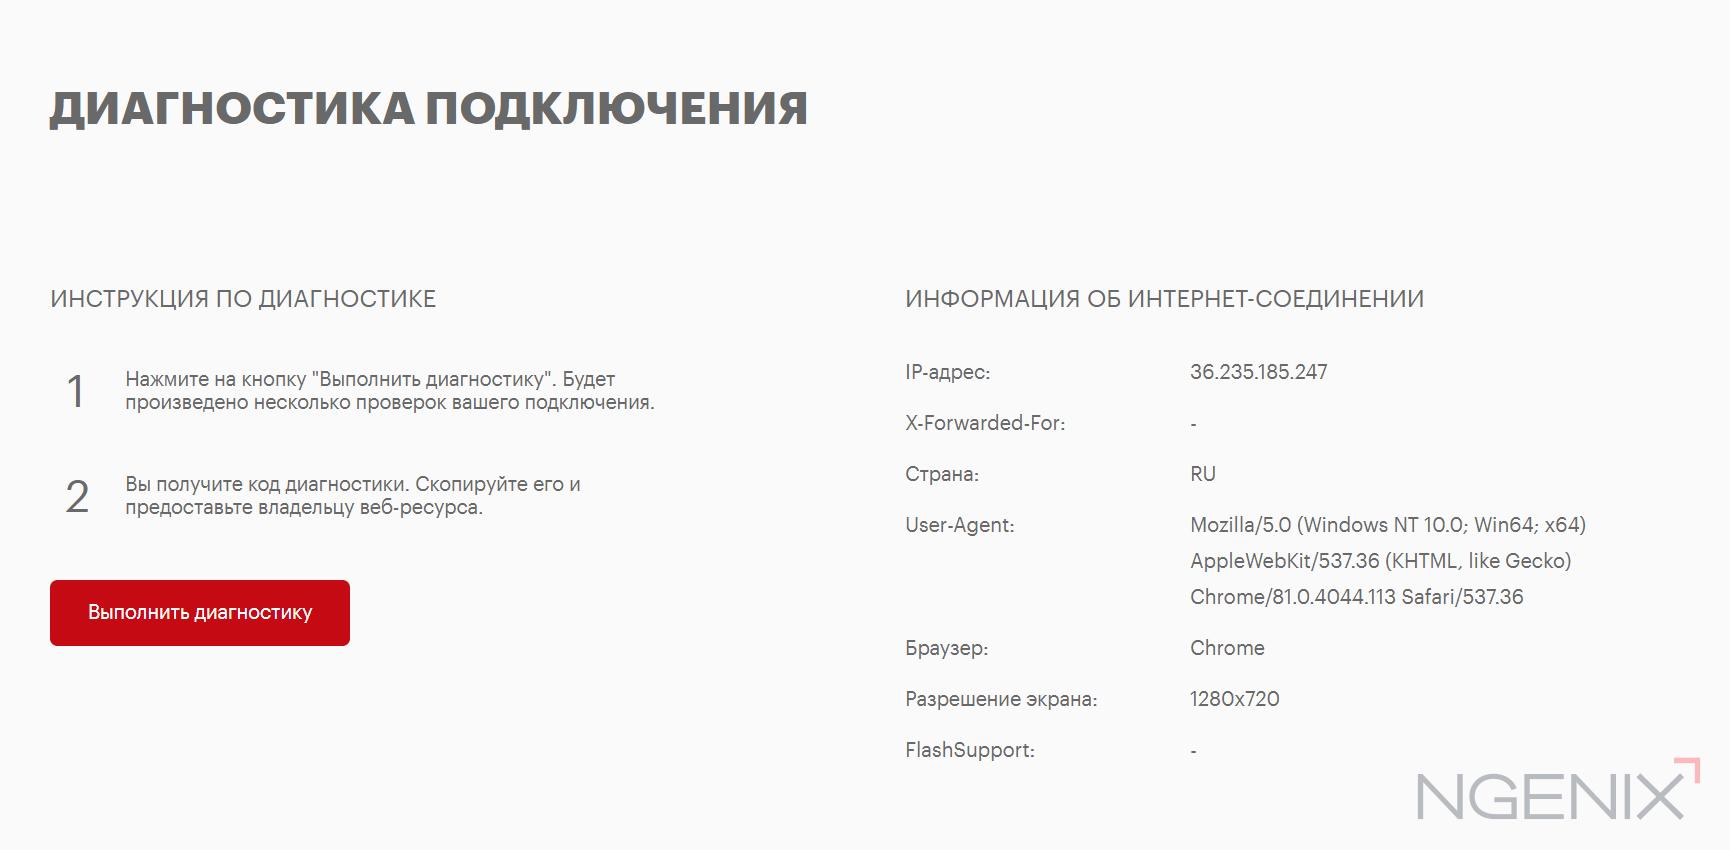 NGENIX User Check – Диагностика подключения пользователя